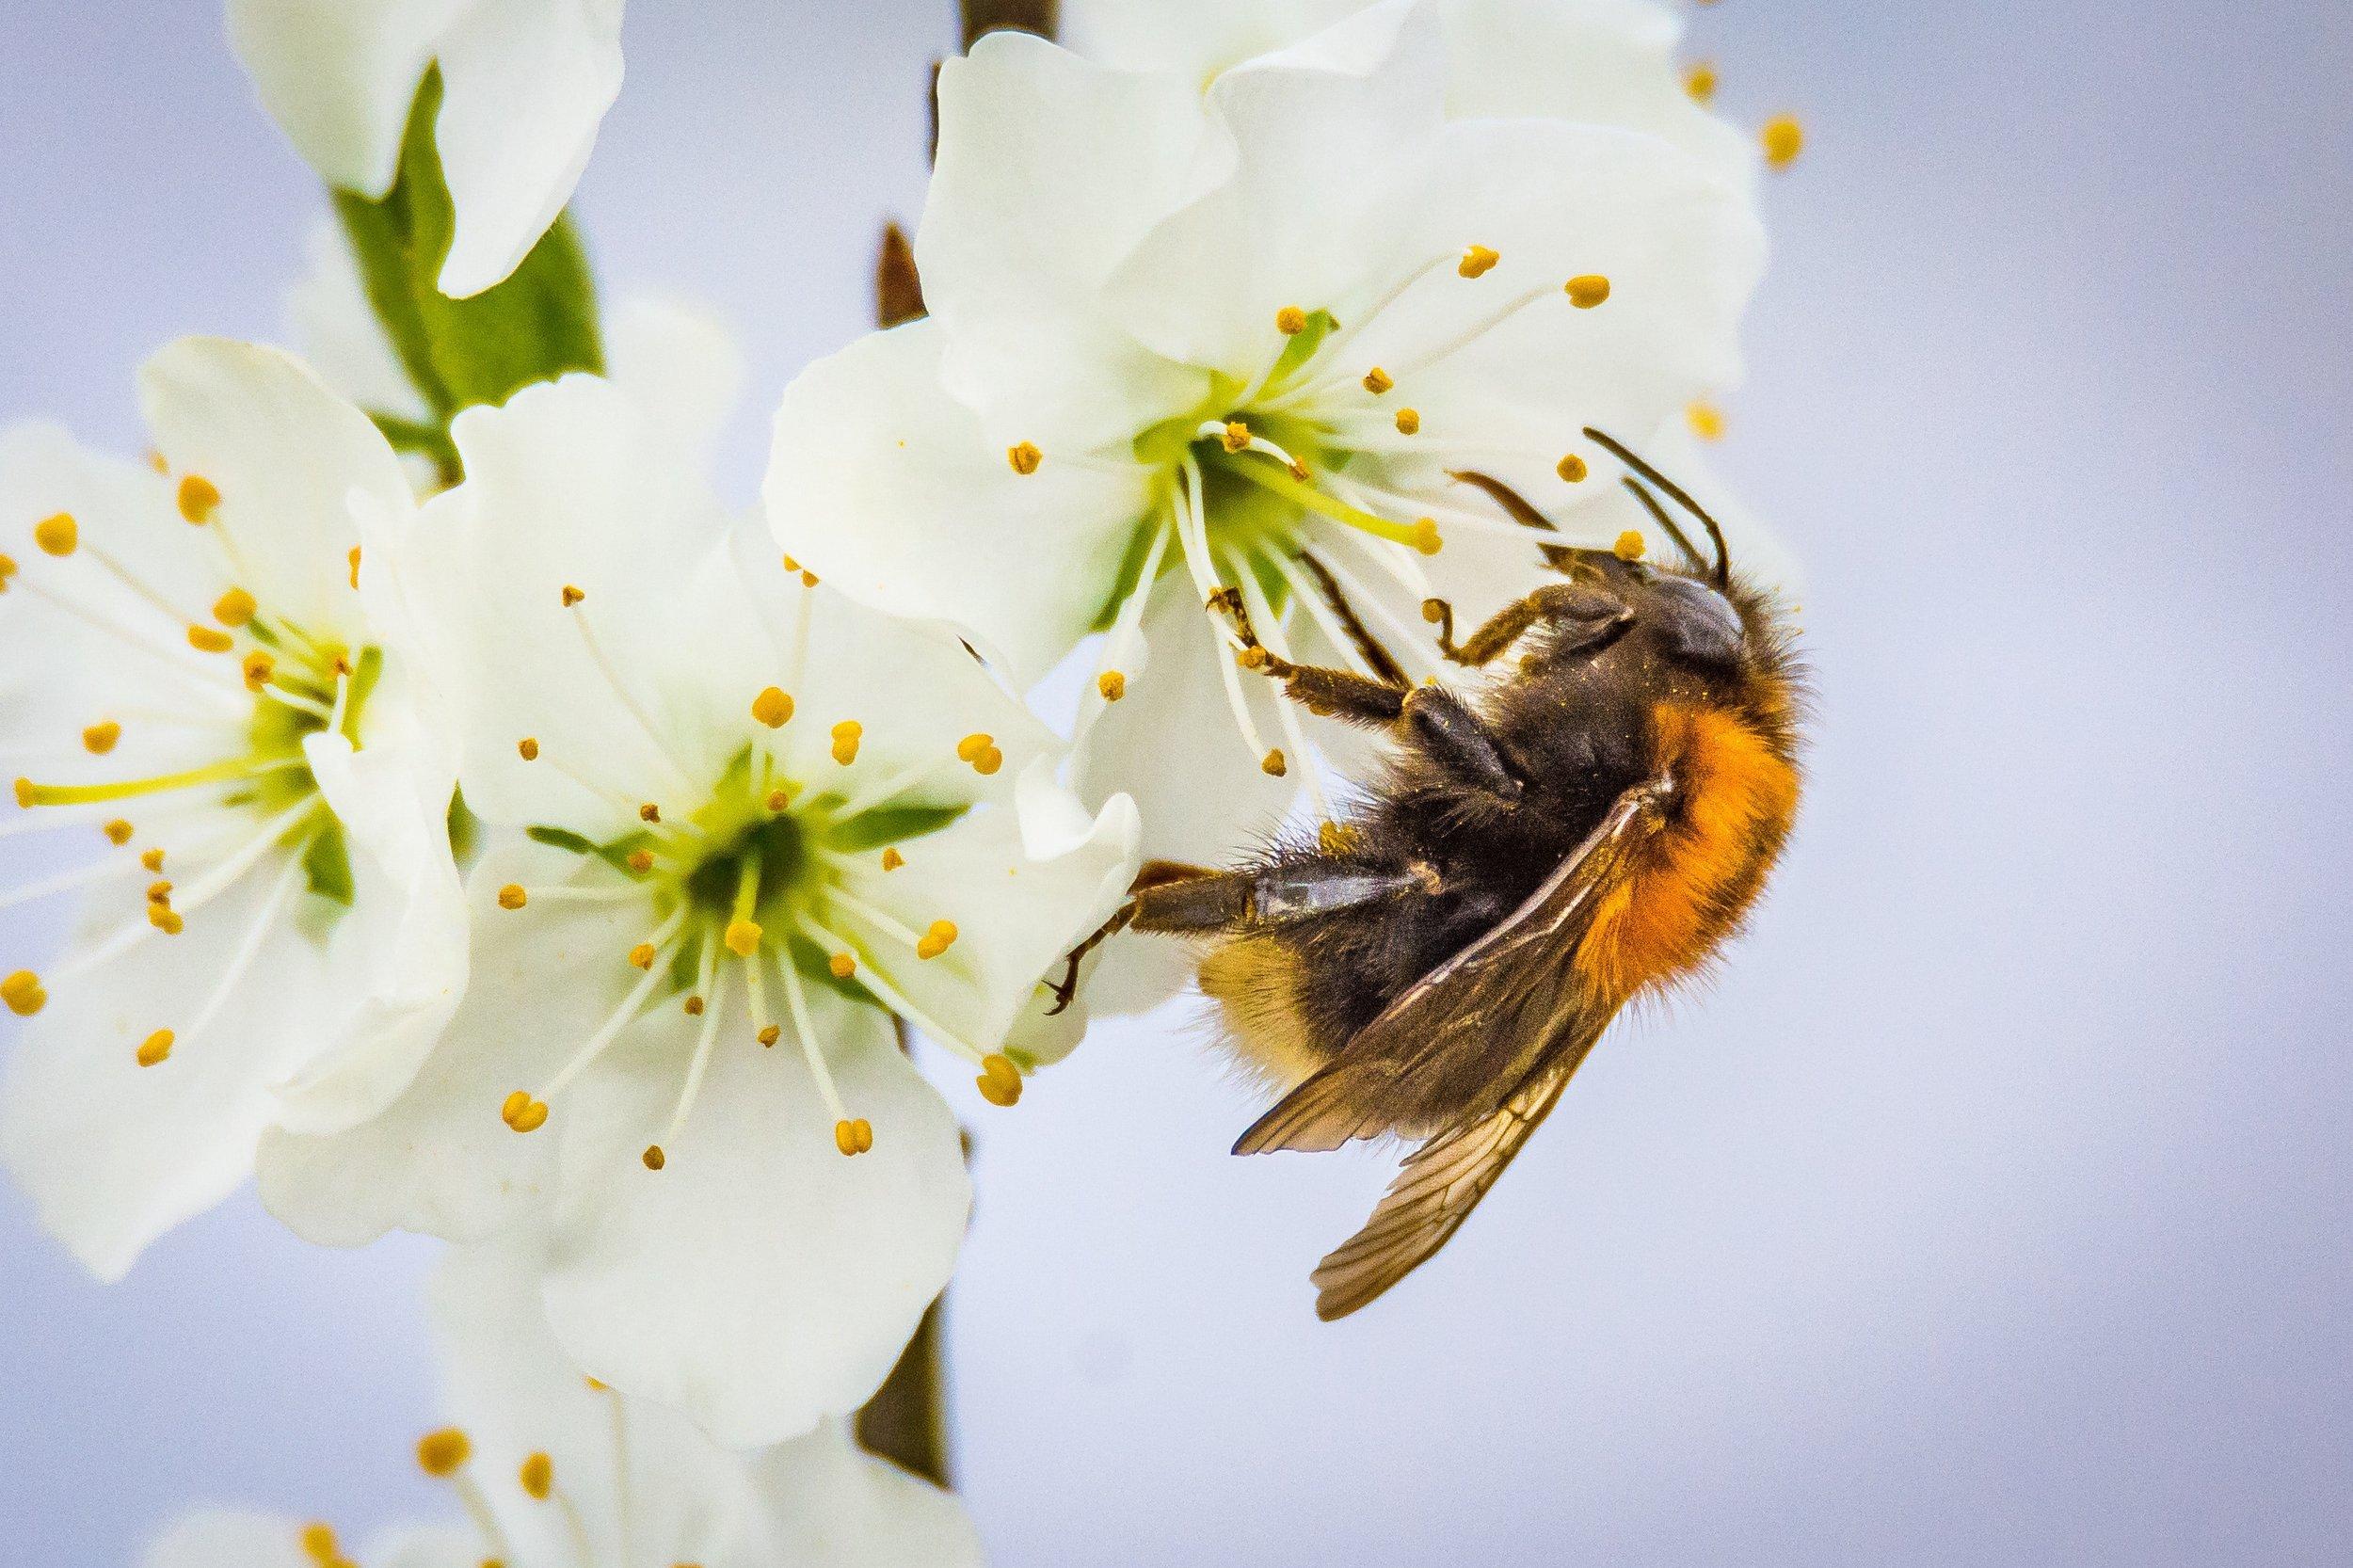 animal-bee-bloom-416311.jpg